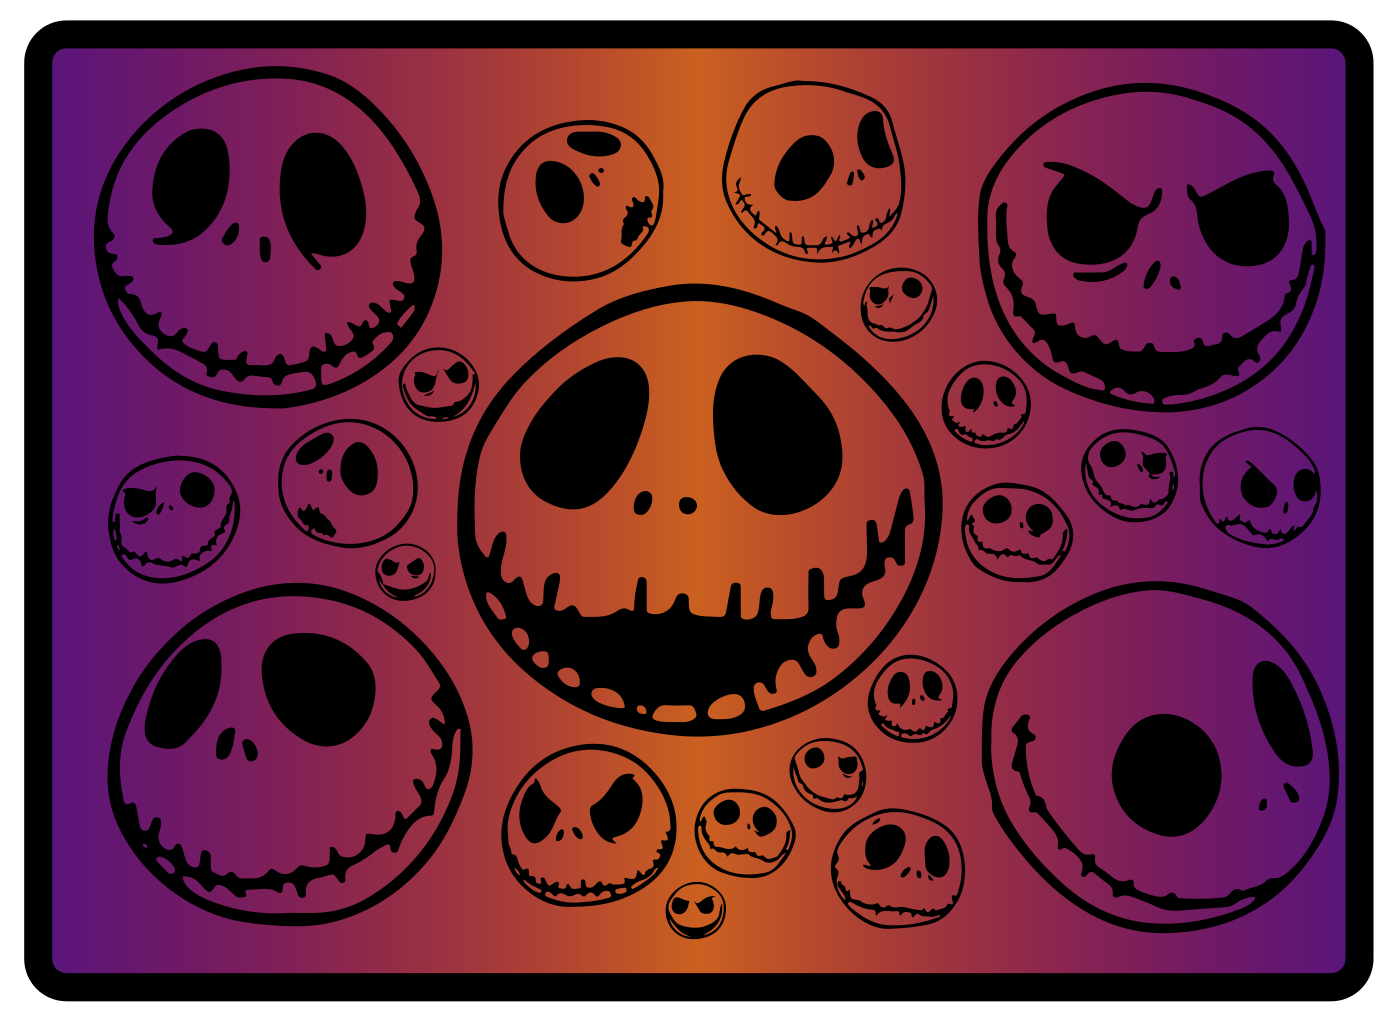 TenVinilo. Alfombra vinílica recibidor morada Halloween. Alfombra vinílica recibidor de Halloween que presenta varias caras espeluznantes de la película clásica de Tim Burton ¡Compra online!